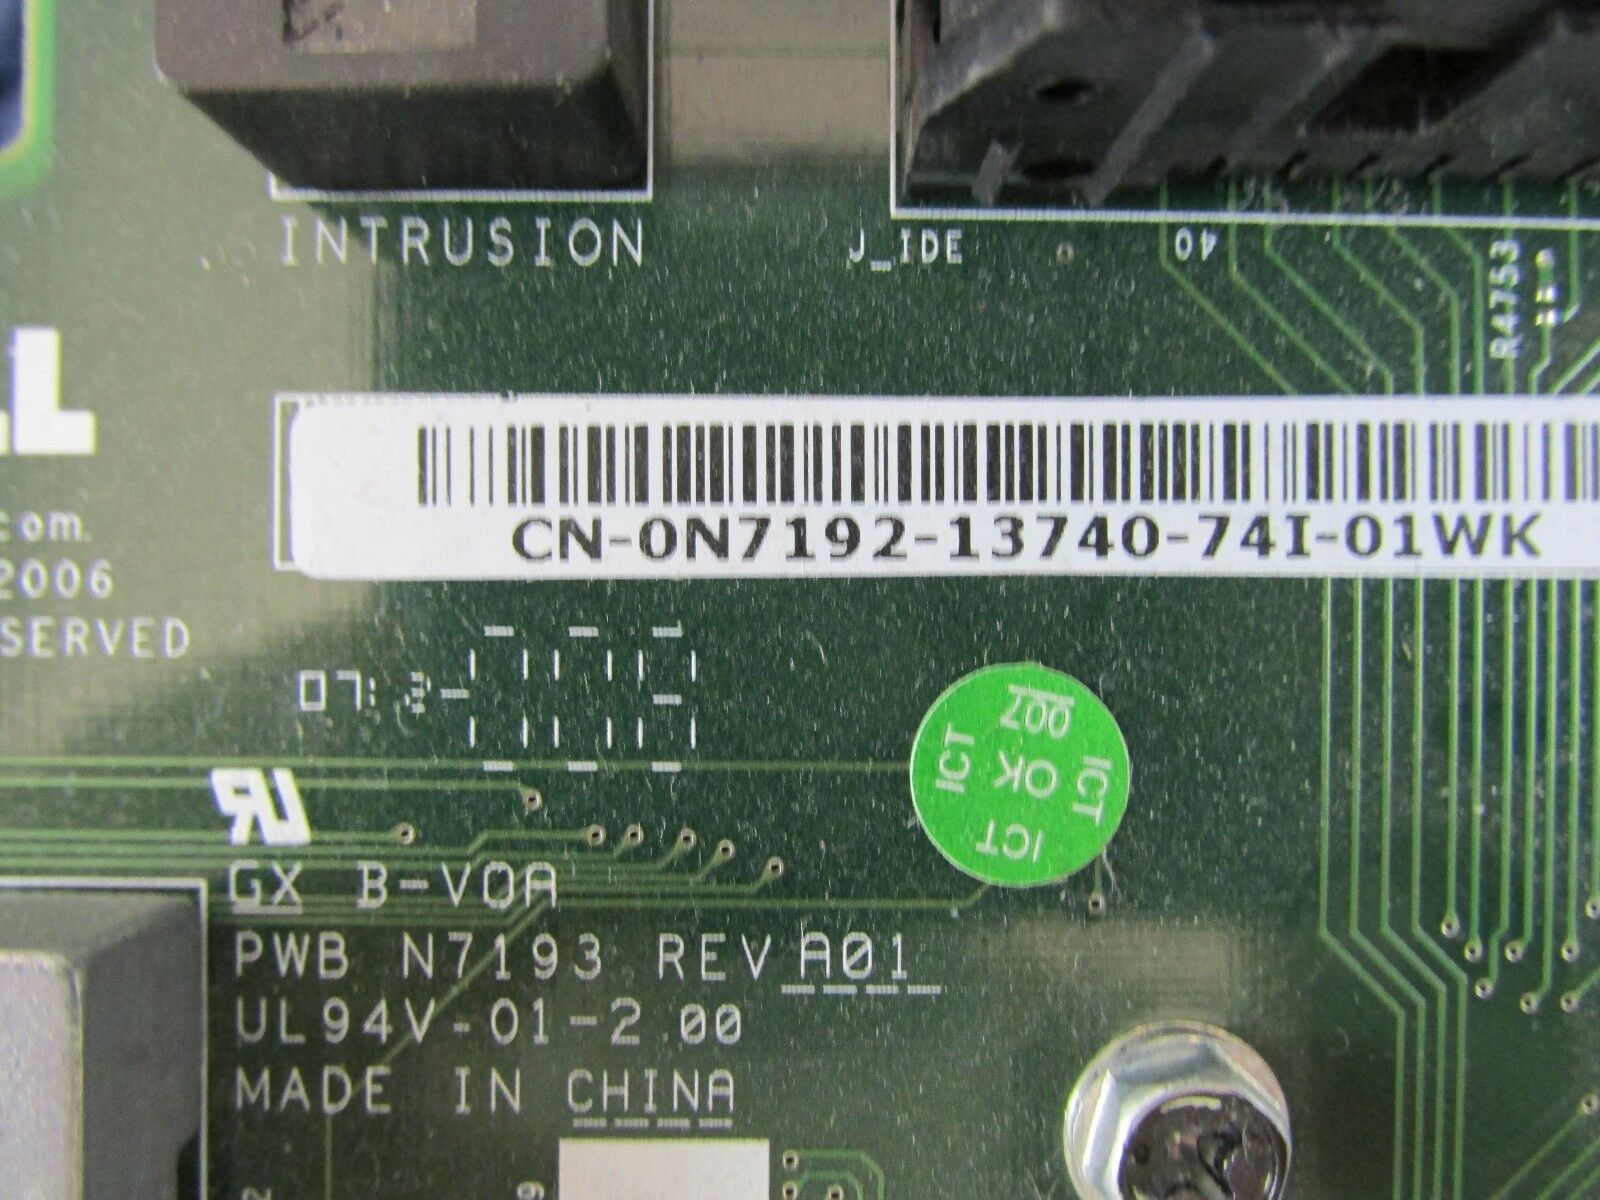 NEW DELL POWEREDGE 2950 PCI-E SIDEPLANE RISER BOARD N7192 CN-0N7192 N7193